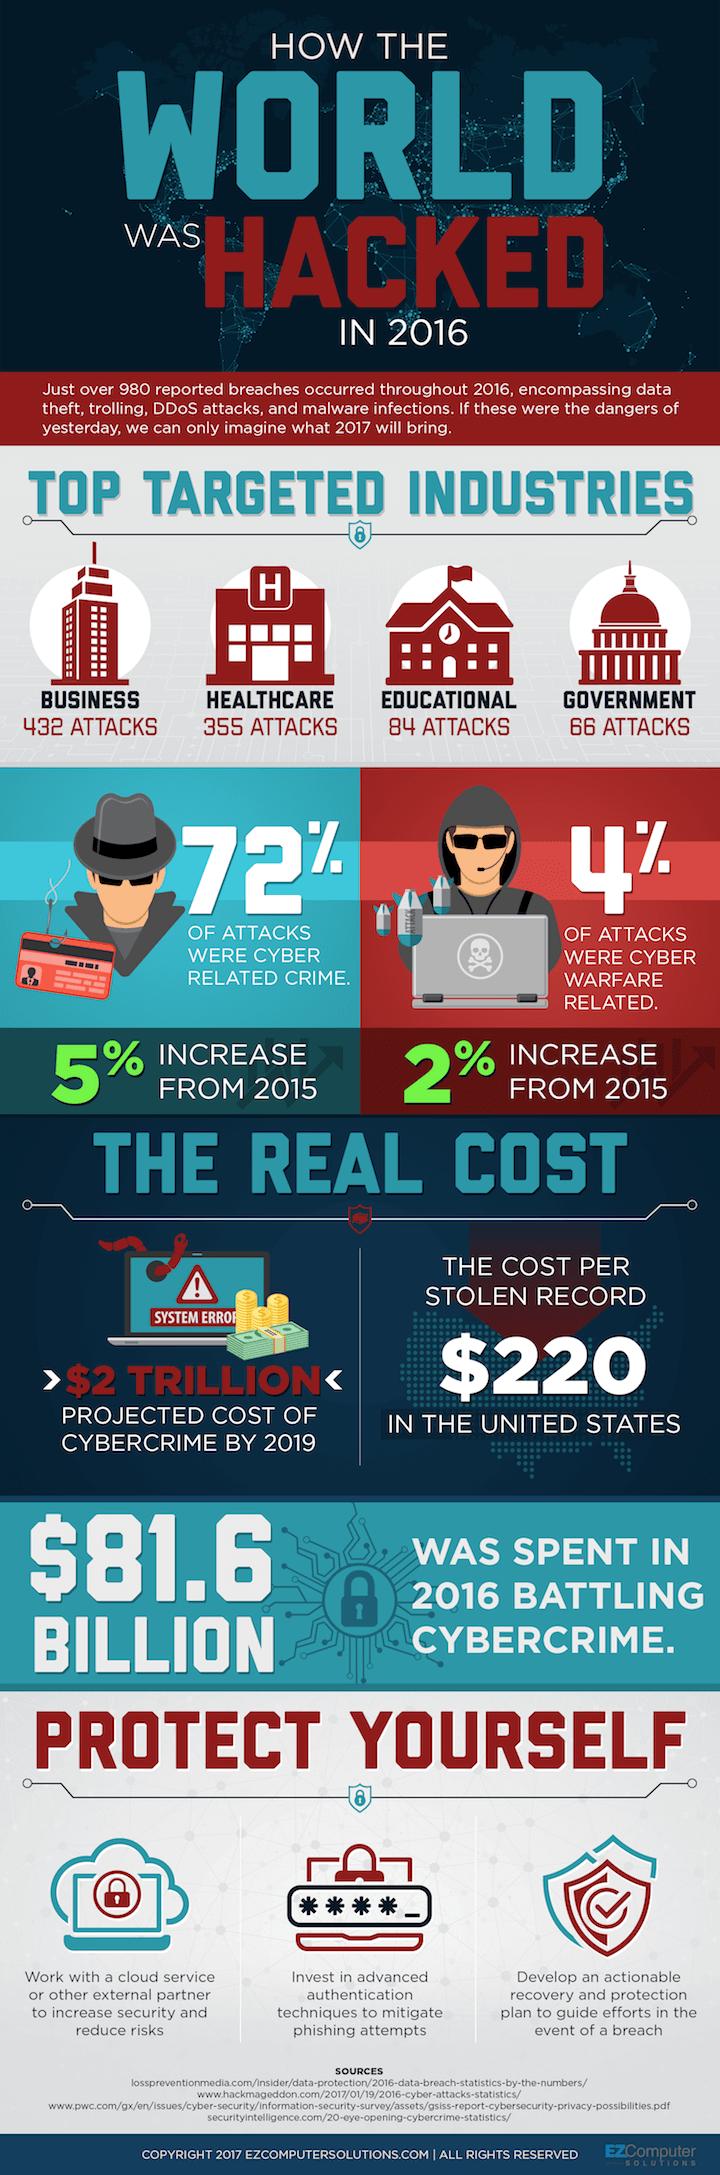 Cybercrime-cost-statistics